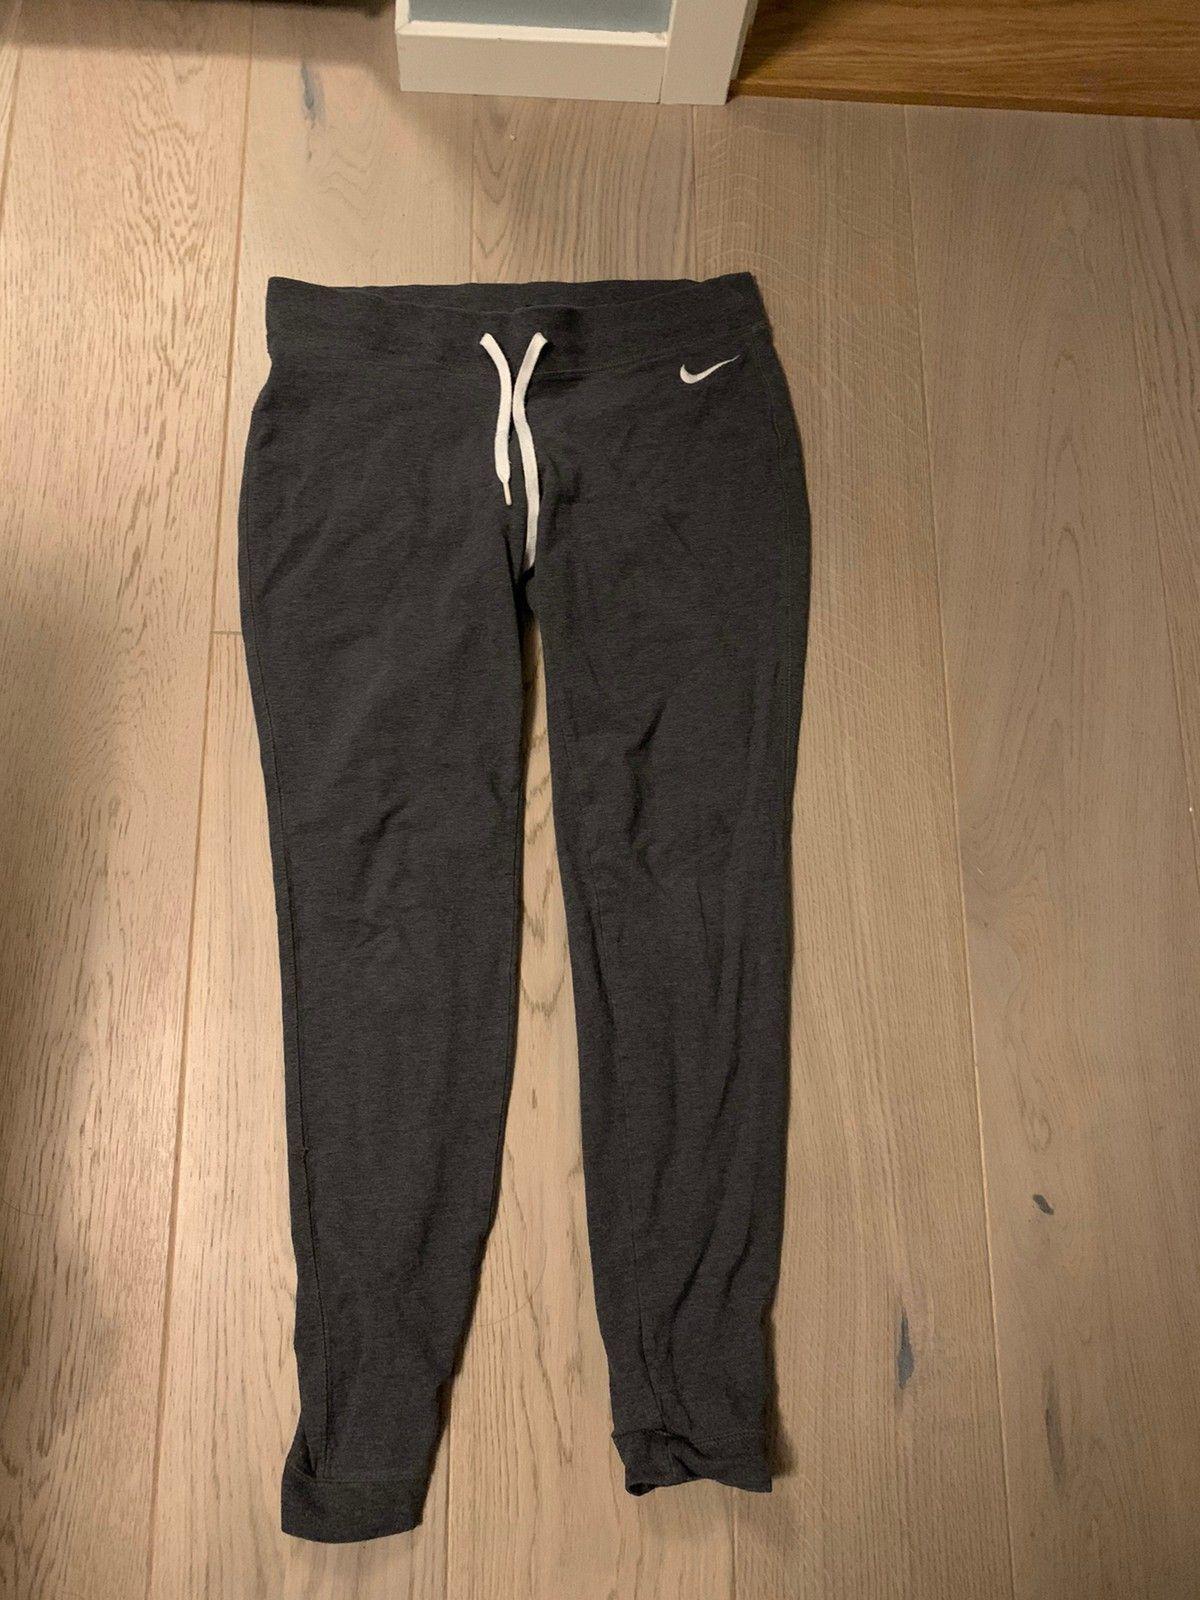 Nike kose bukse | FINN.no